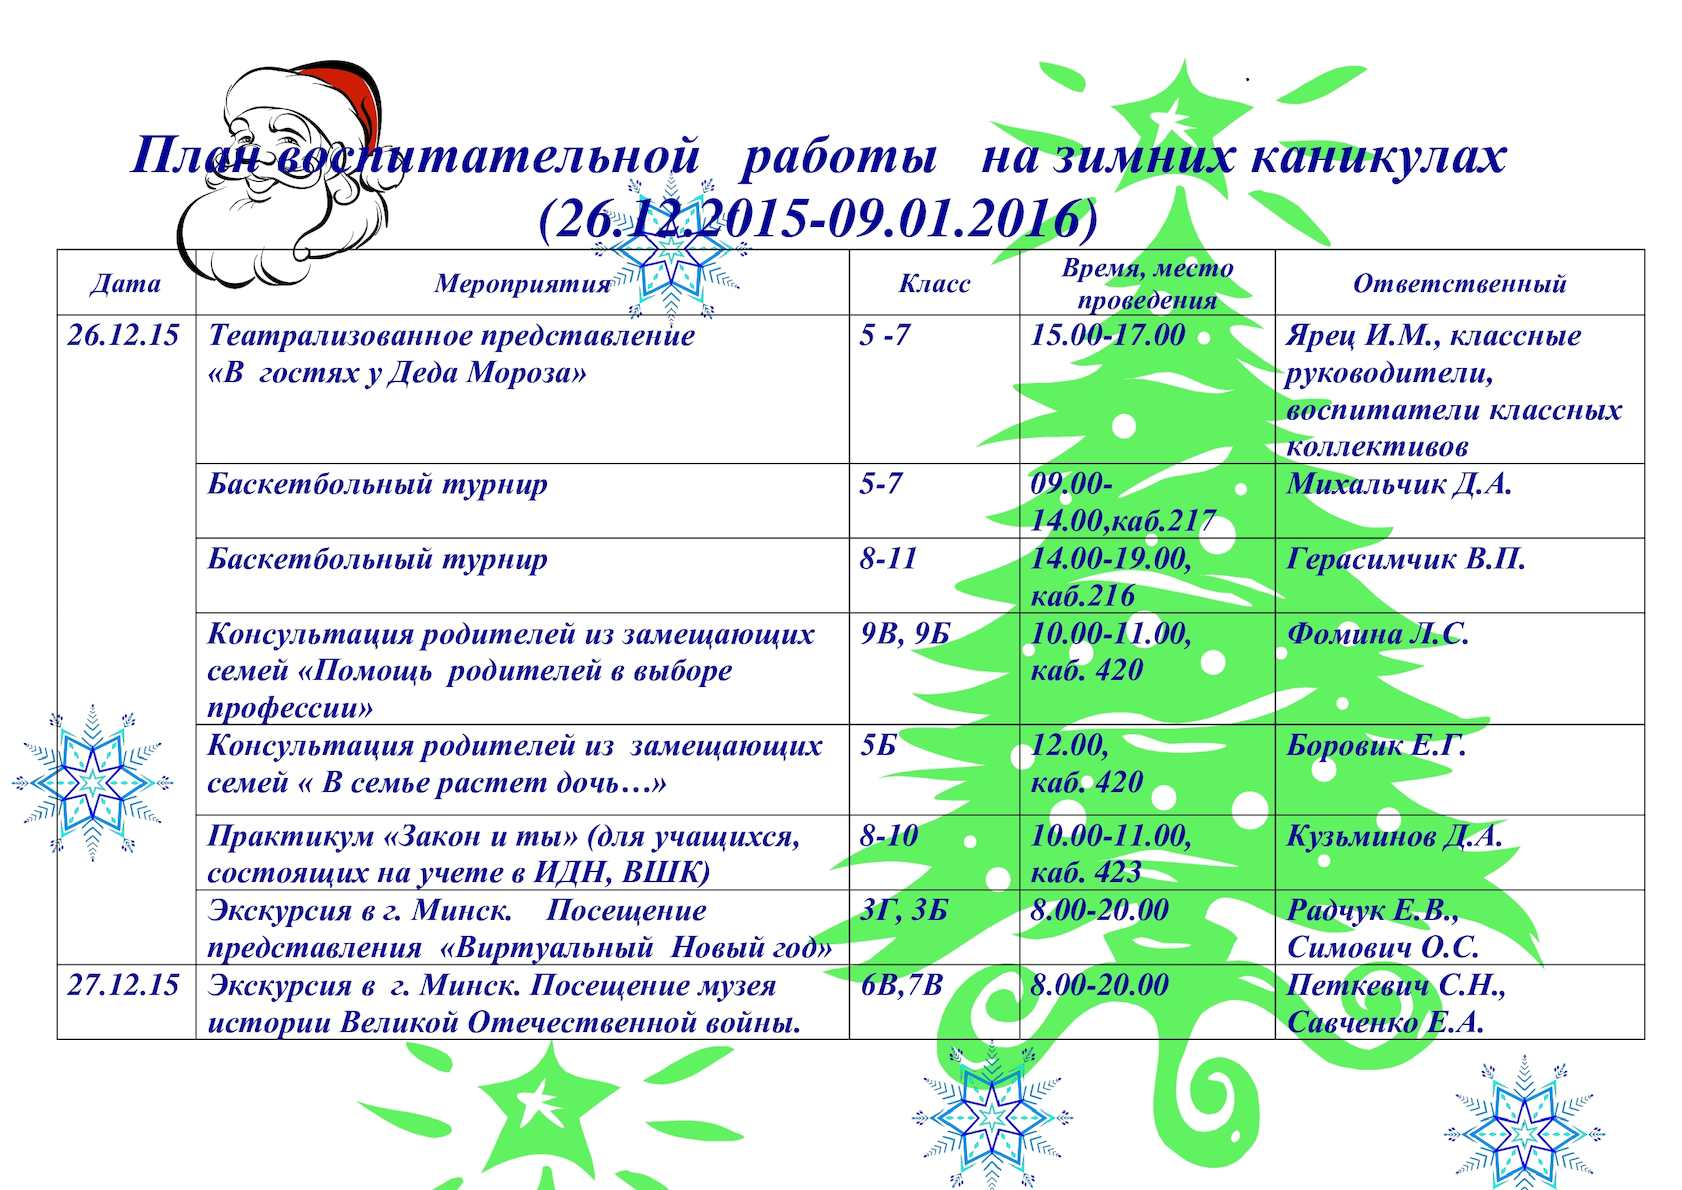 Инфоурок › директору, завучу › рабочие программы › план мероприятий в период зимних каникул.